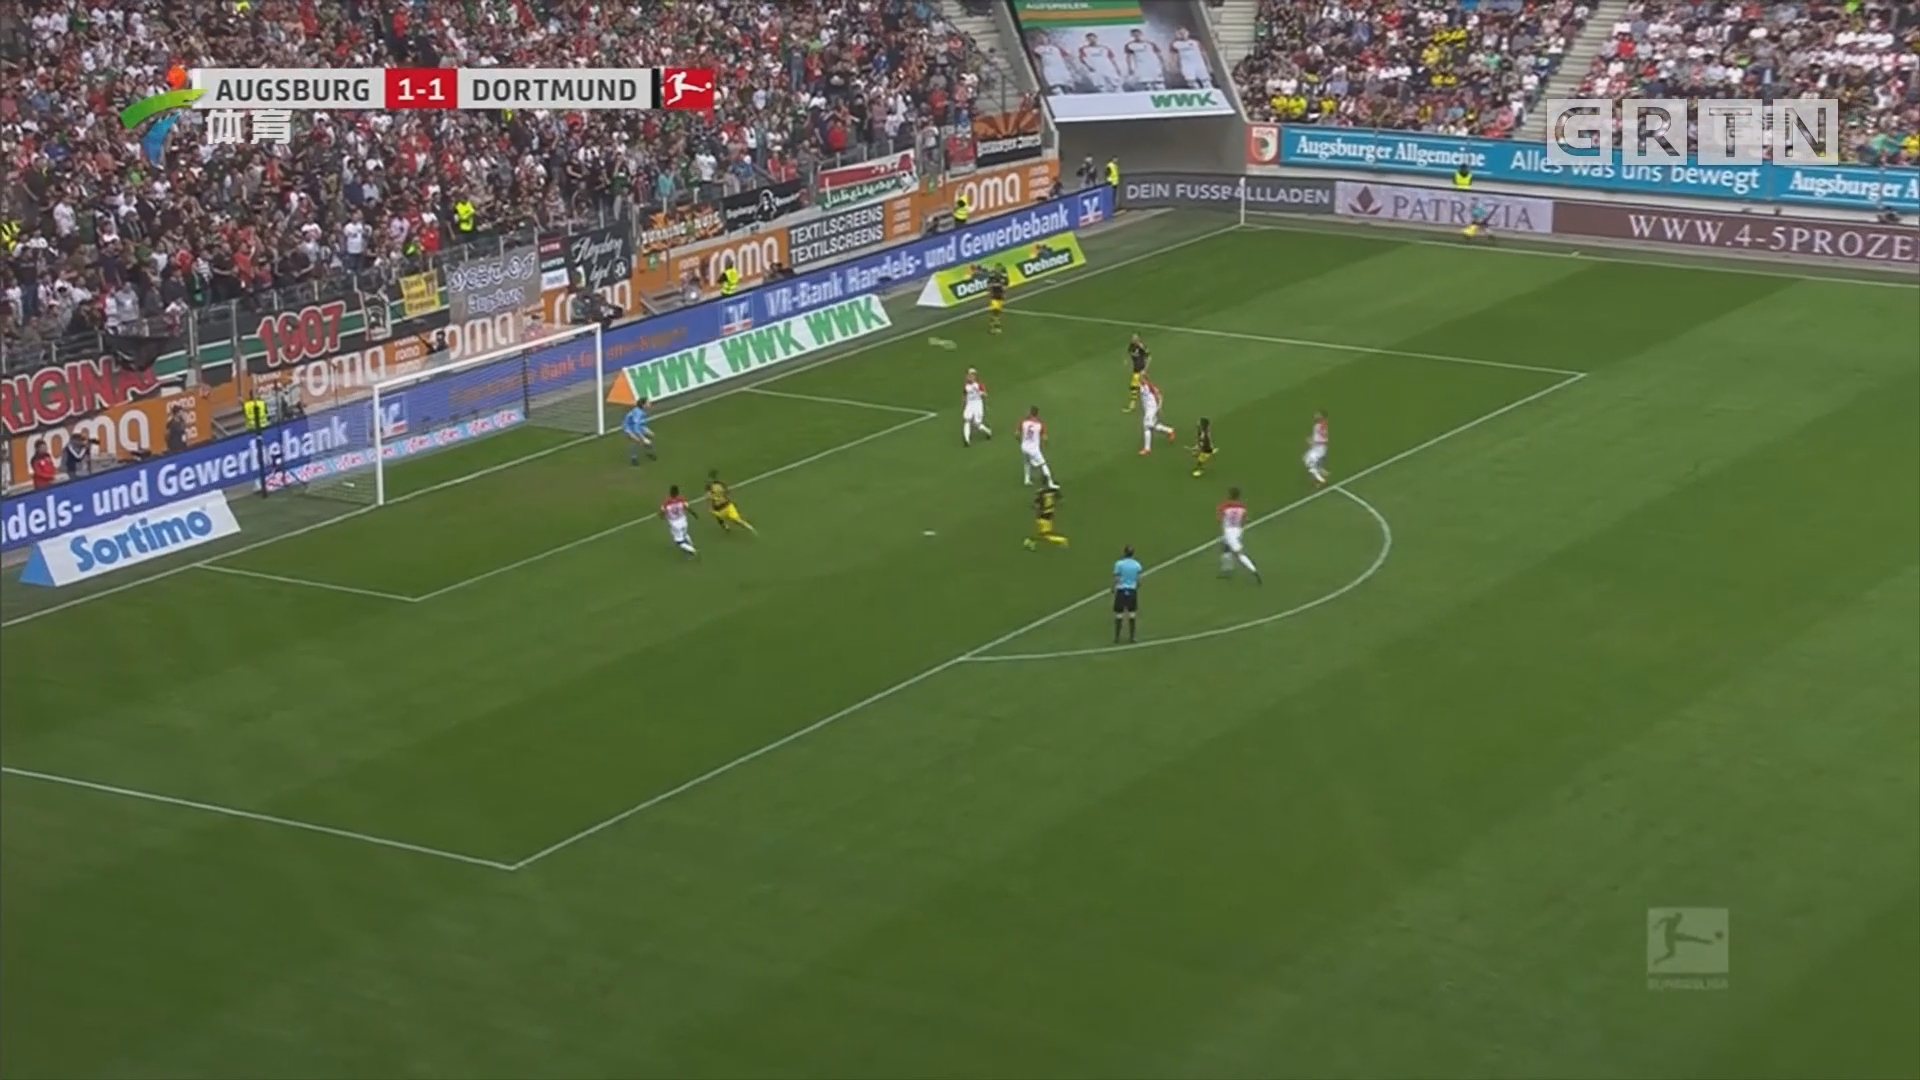 德国杯 换帅复苏 大黄蜂阻击拜仁